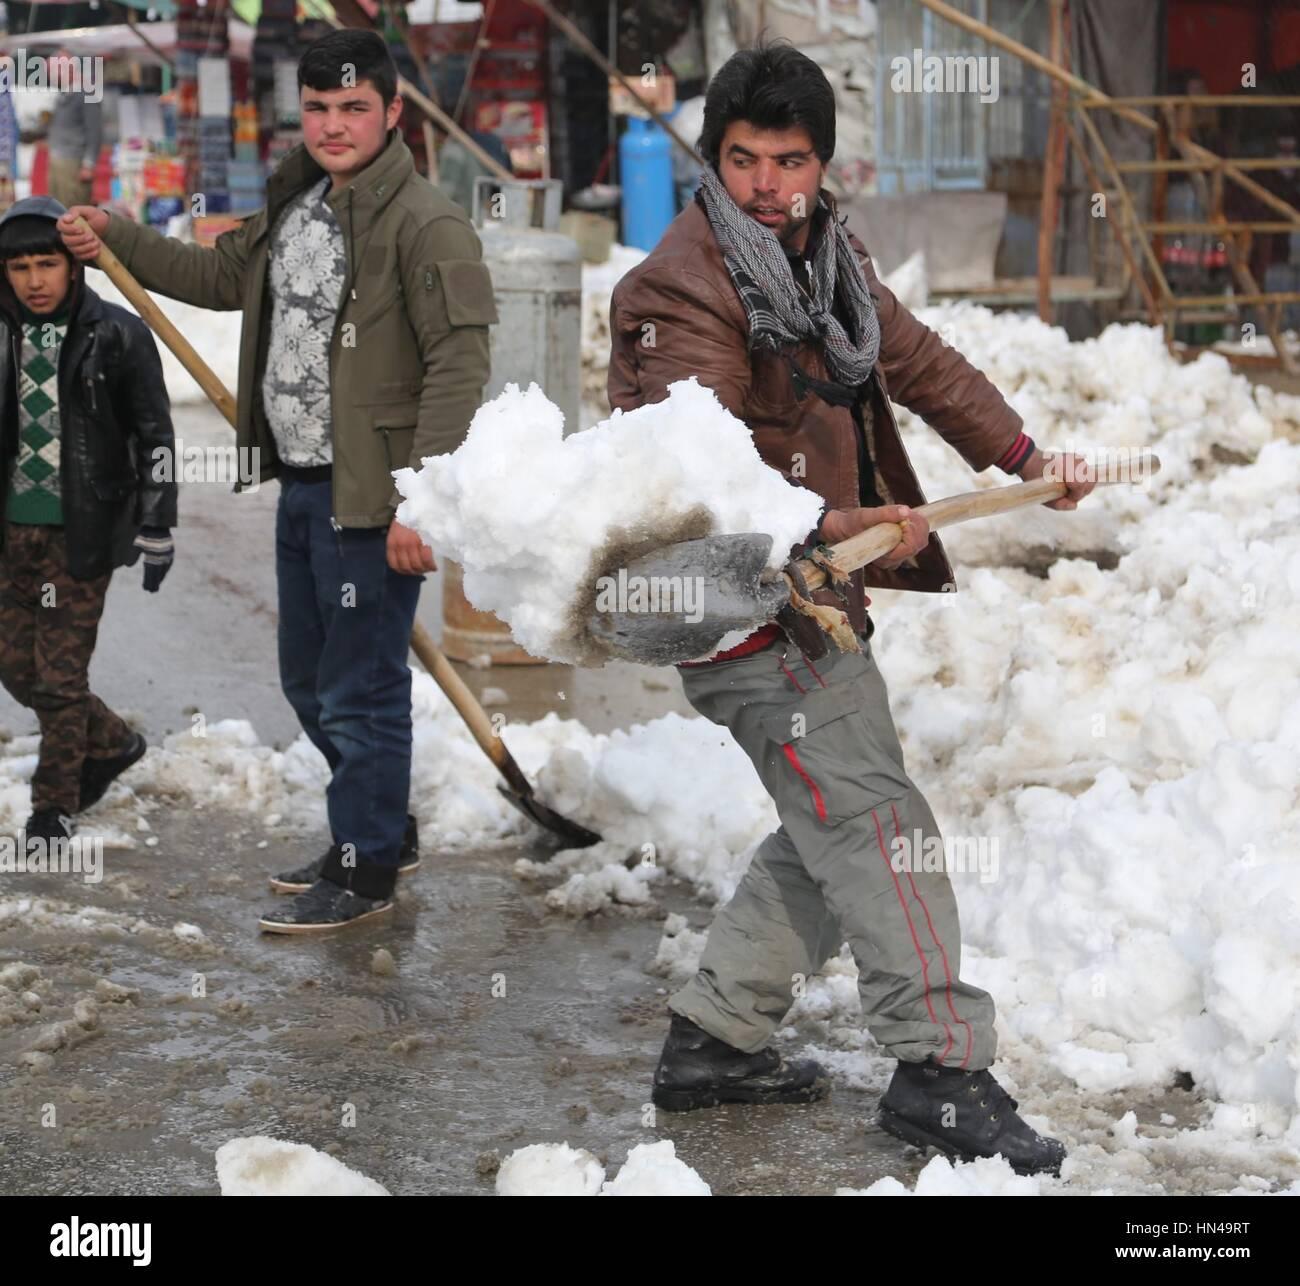 Parwan, Afghanistan. 7th Feb, 2017. An Afghan man cleans snow in Parwan province, eastern Afghanistan, Feb. 7, 2017. - Stock Image